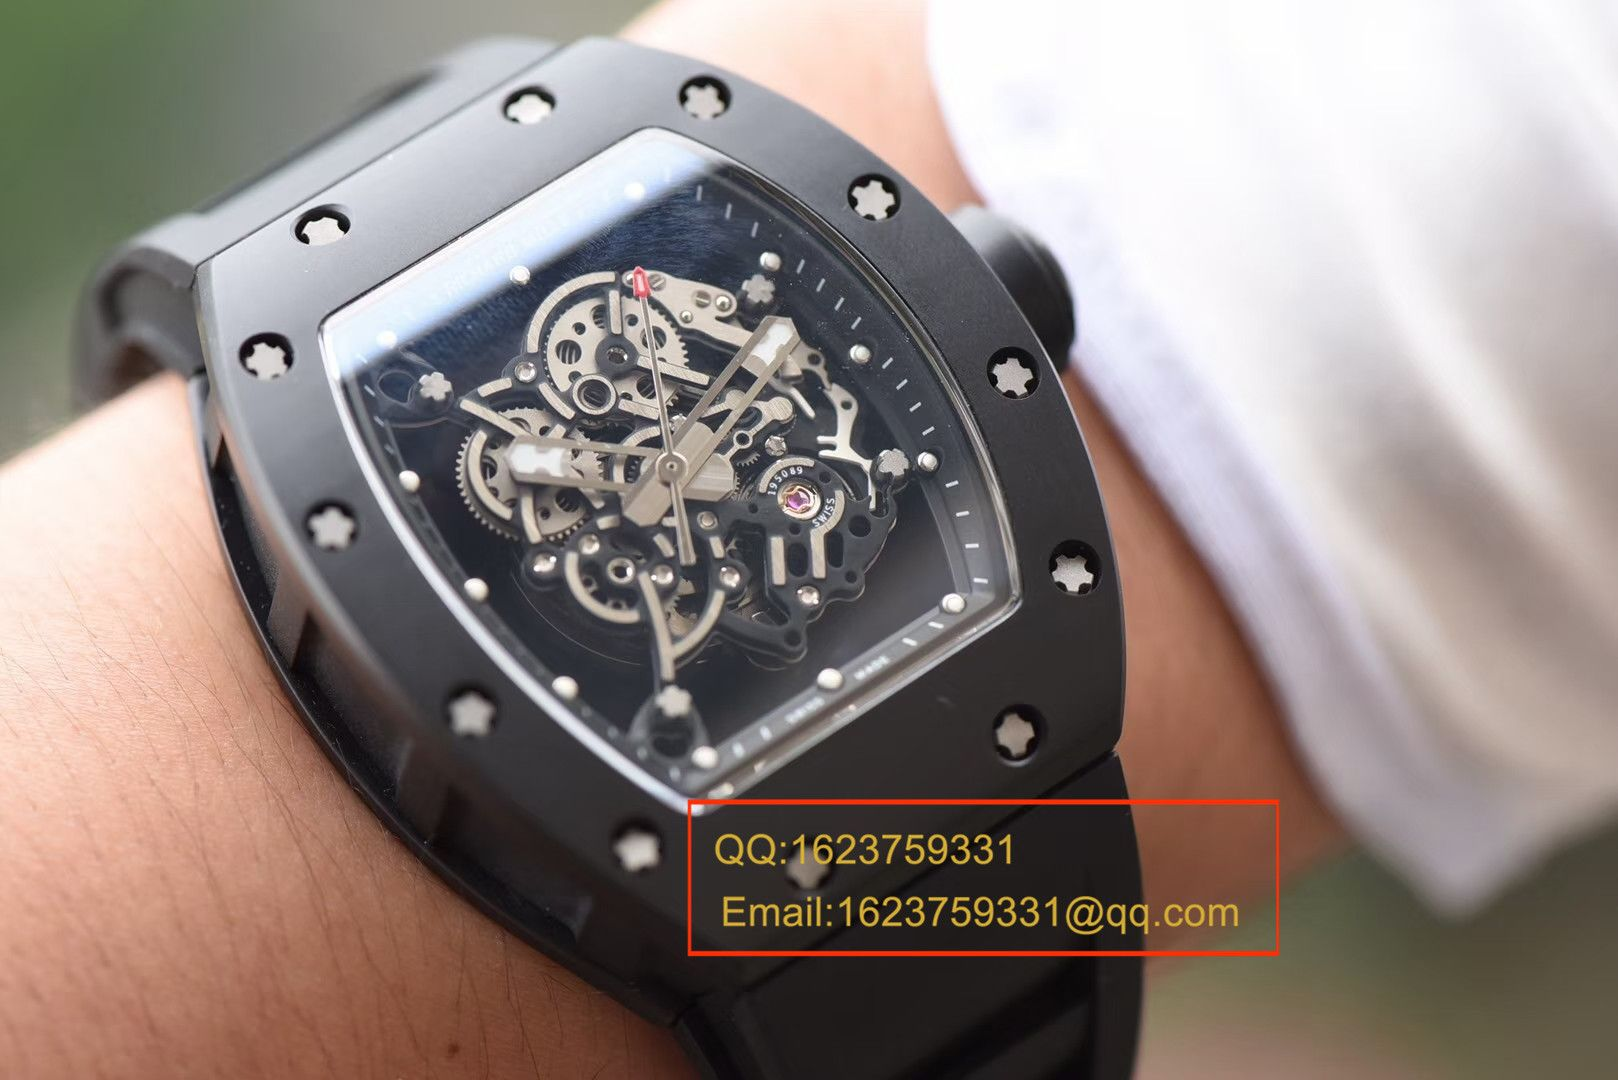 【独家视频评测KV一比一超A高仿手表】理查德.米勒RICHARD MILLE男士系列RM 055腕表 / RM055A